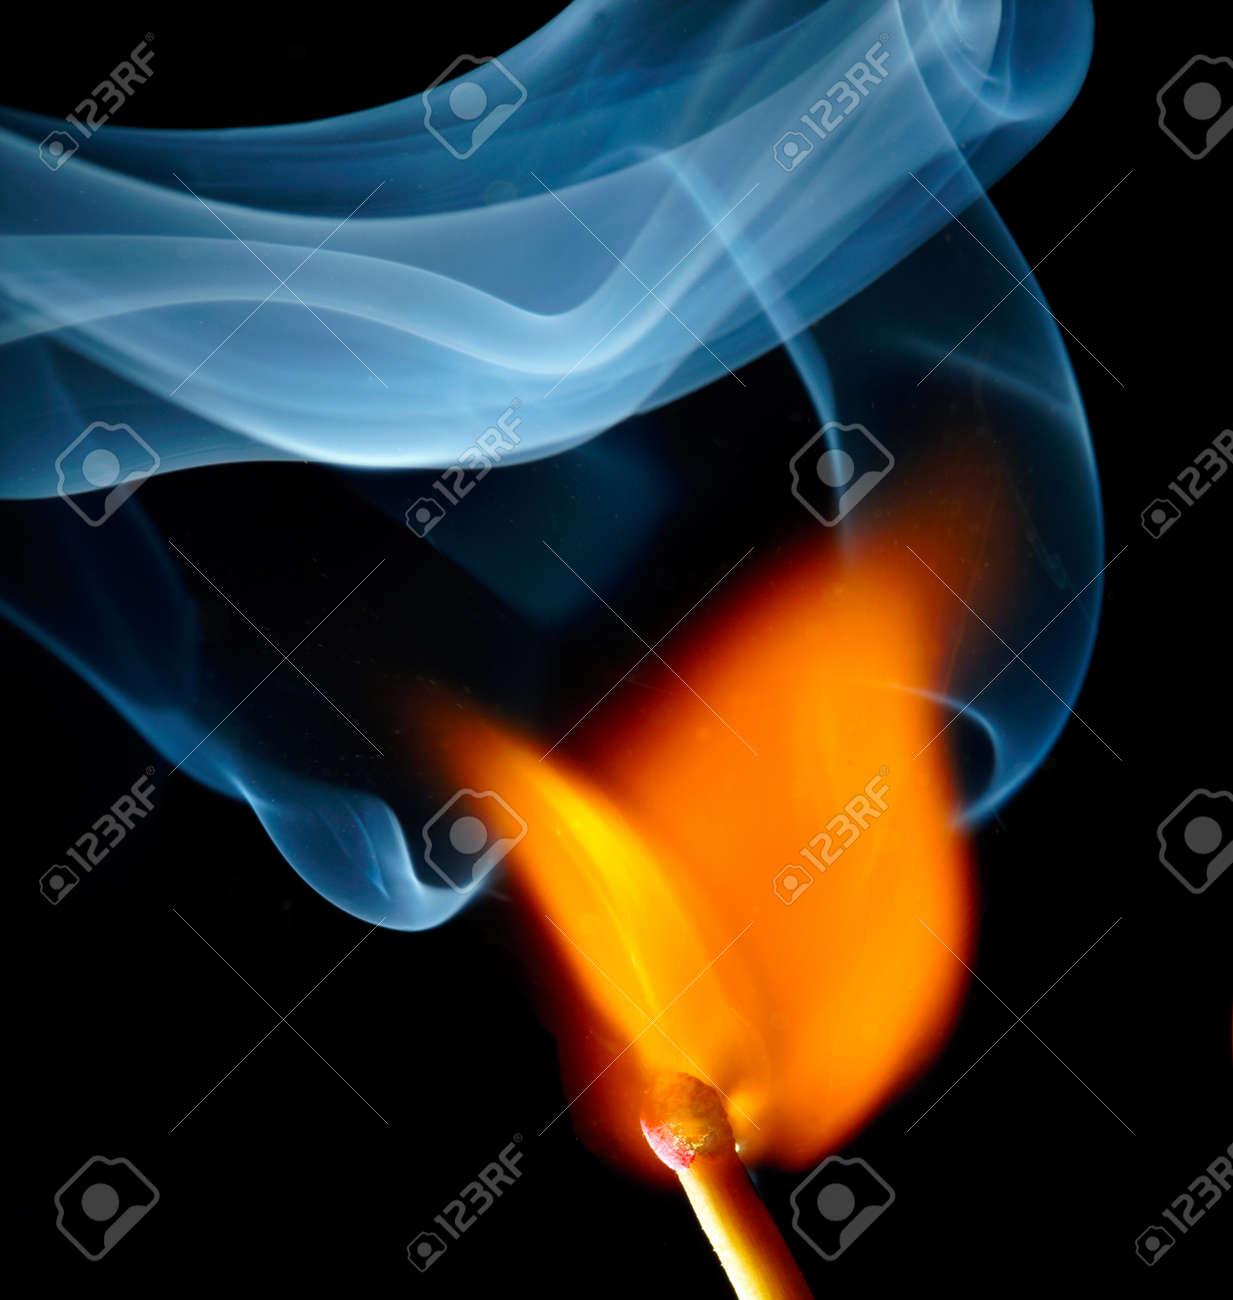 Burning match Stock Photo - 18224685